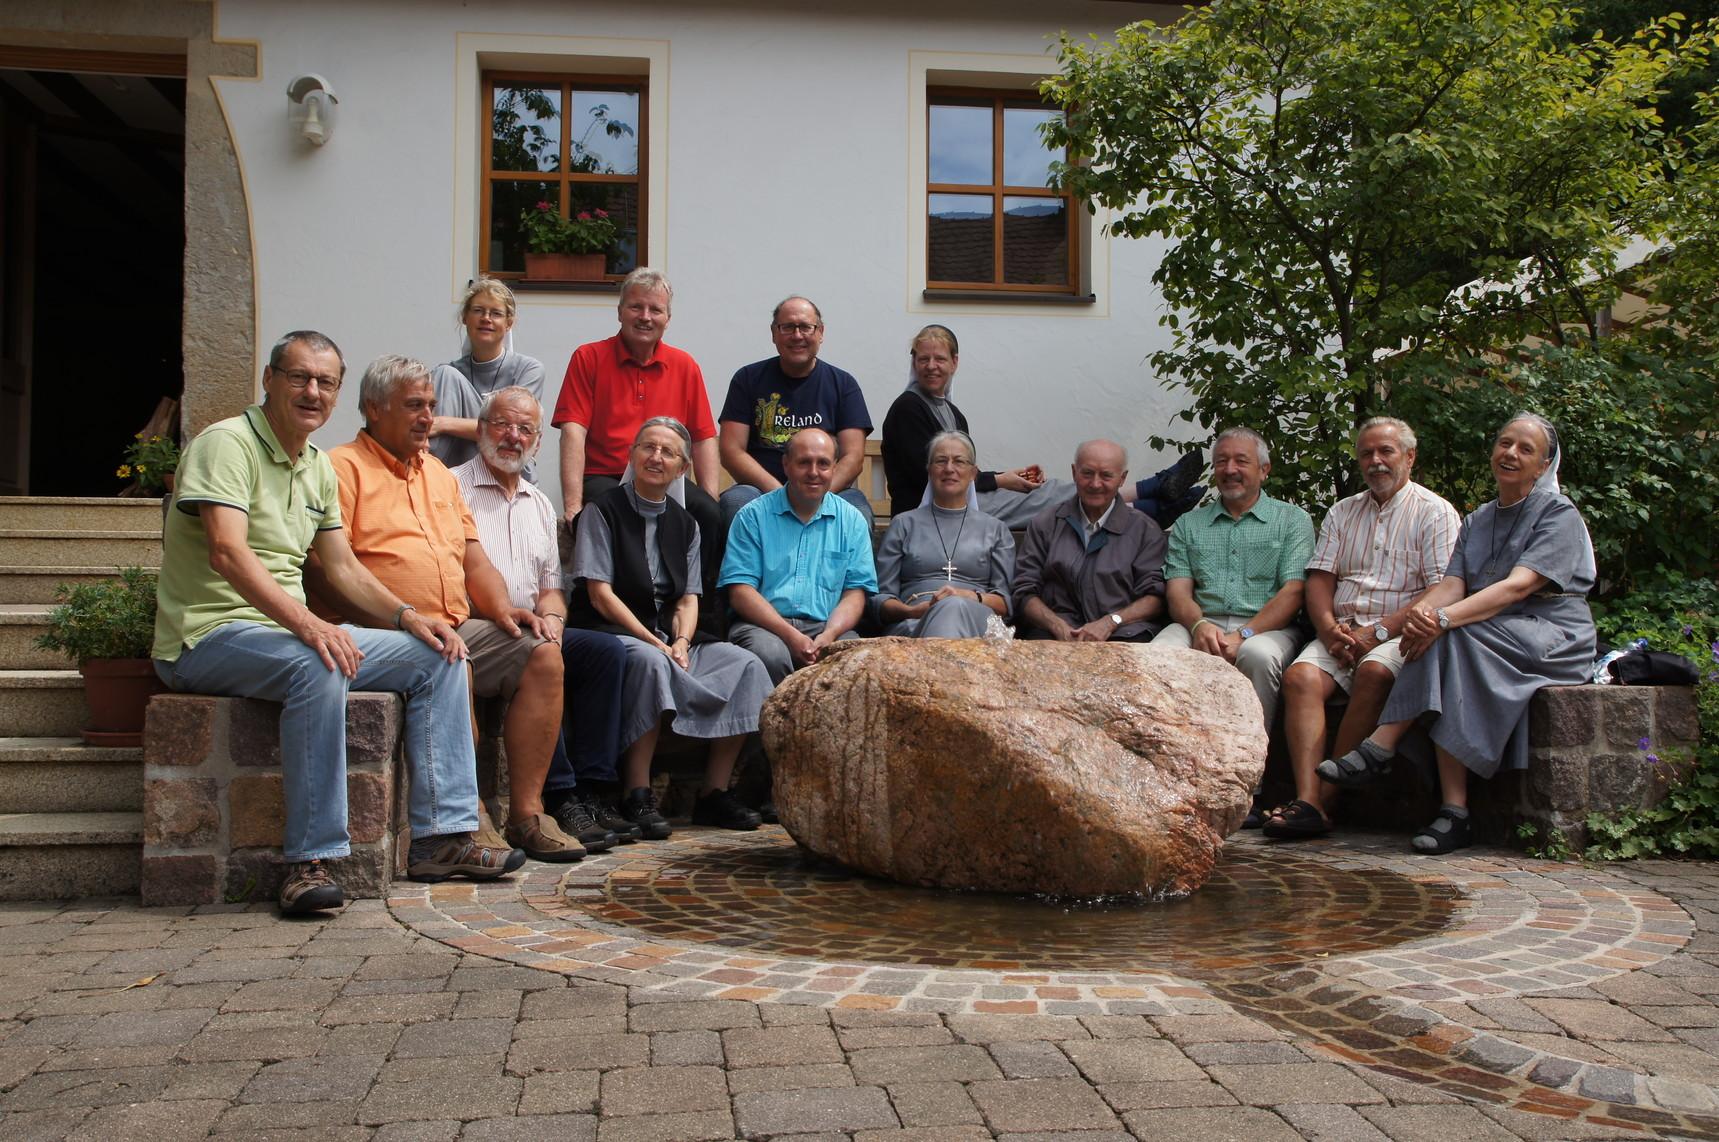 Abschiedsfoto: Die Schwestern von Hof Birkensee und die Männer aus Aalen